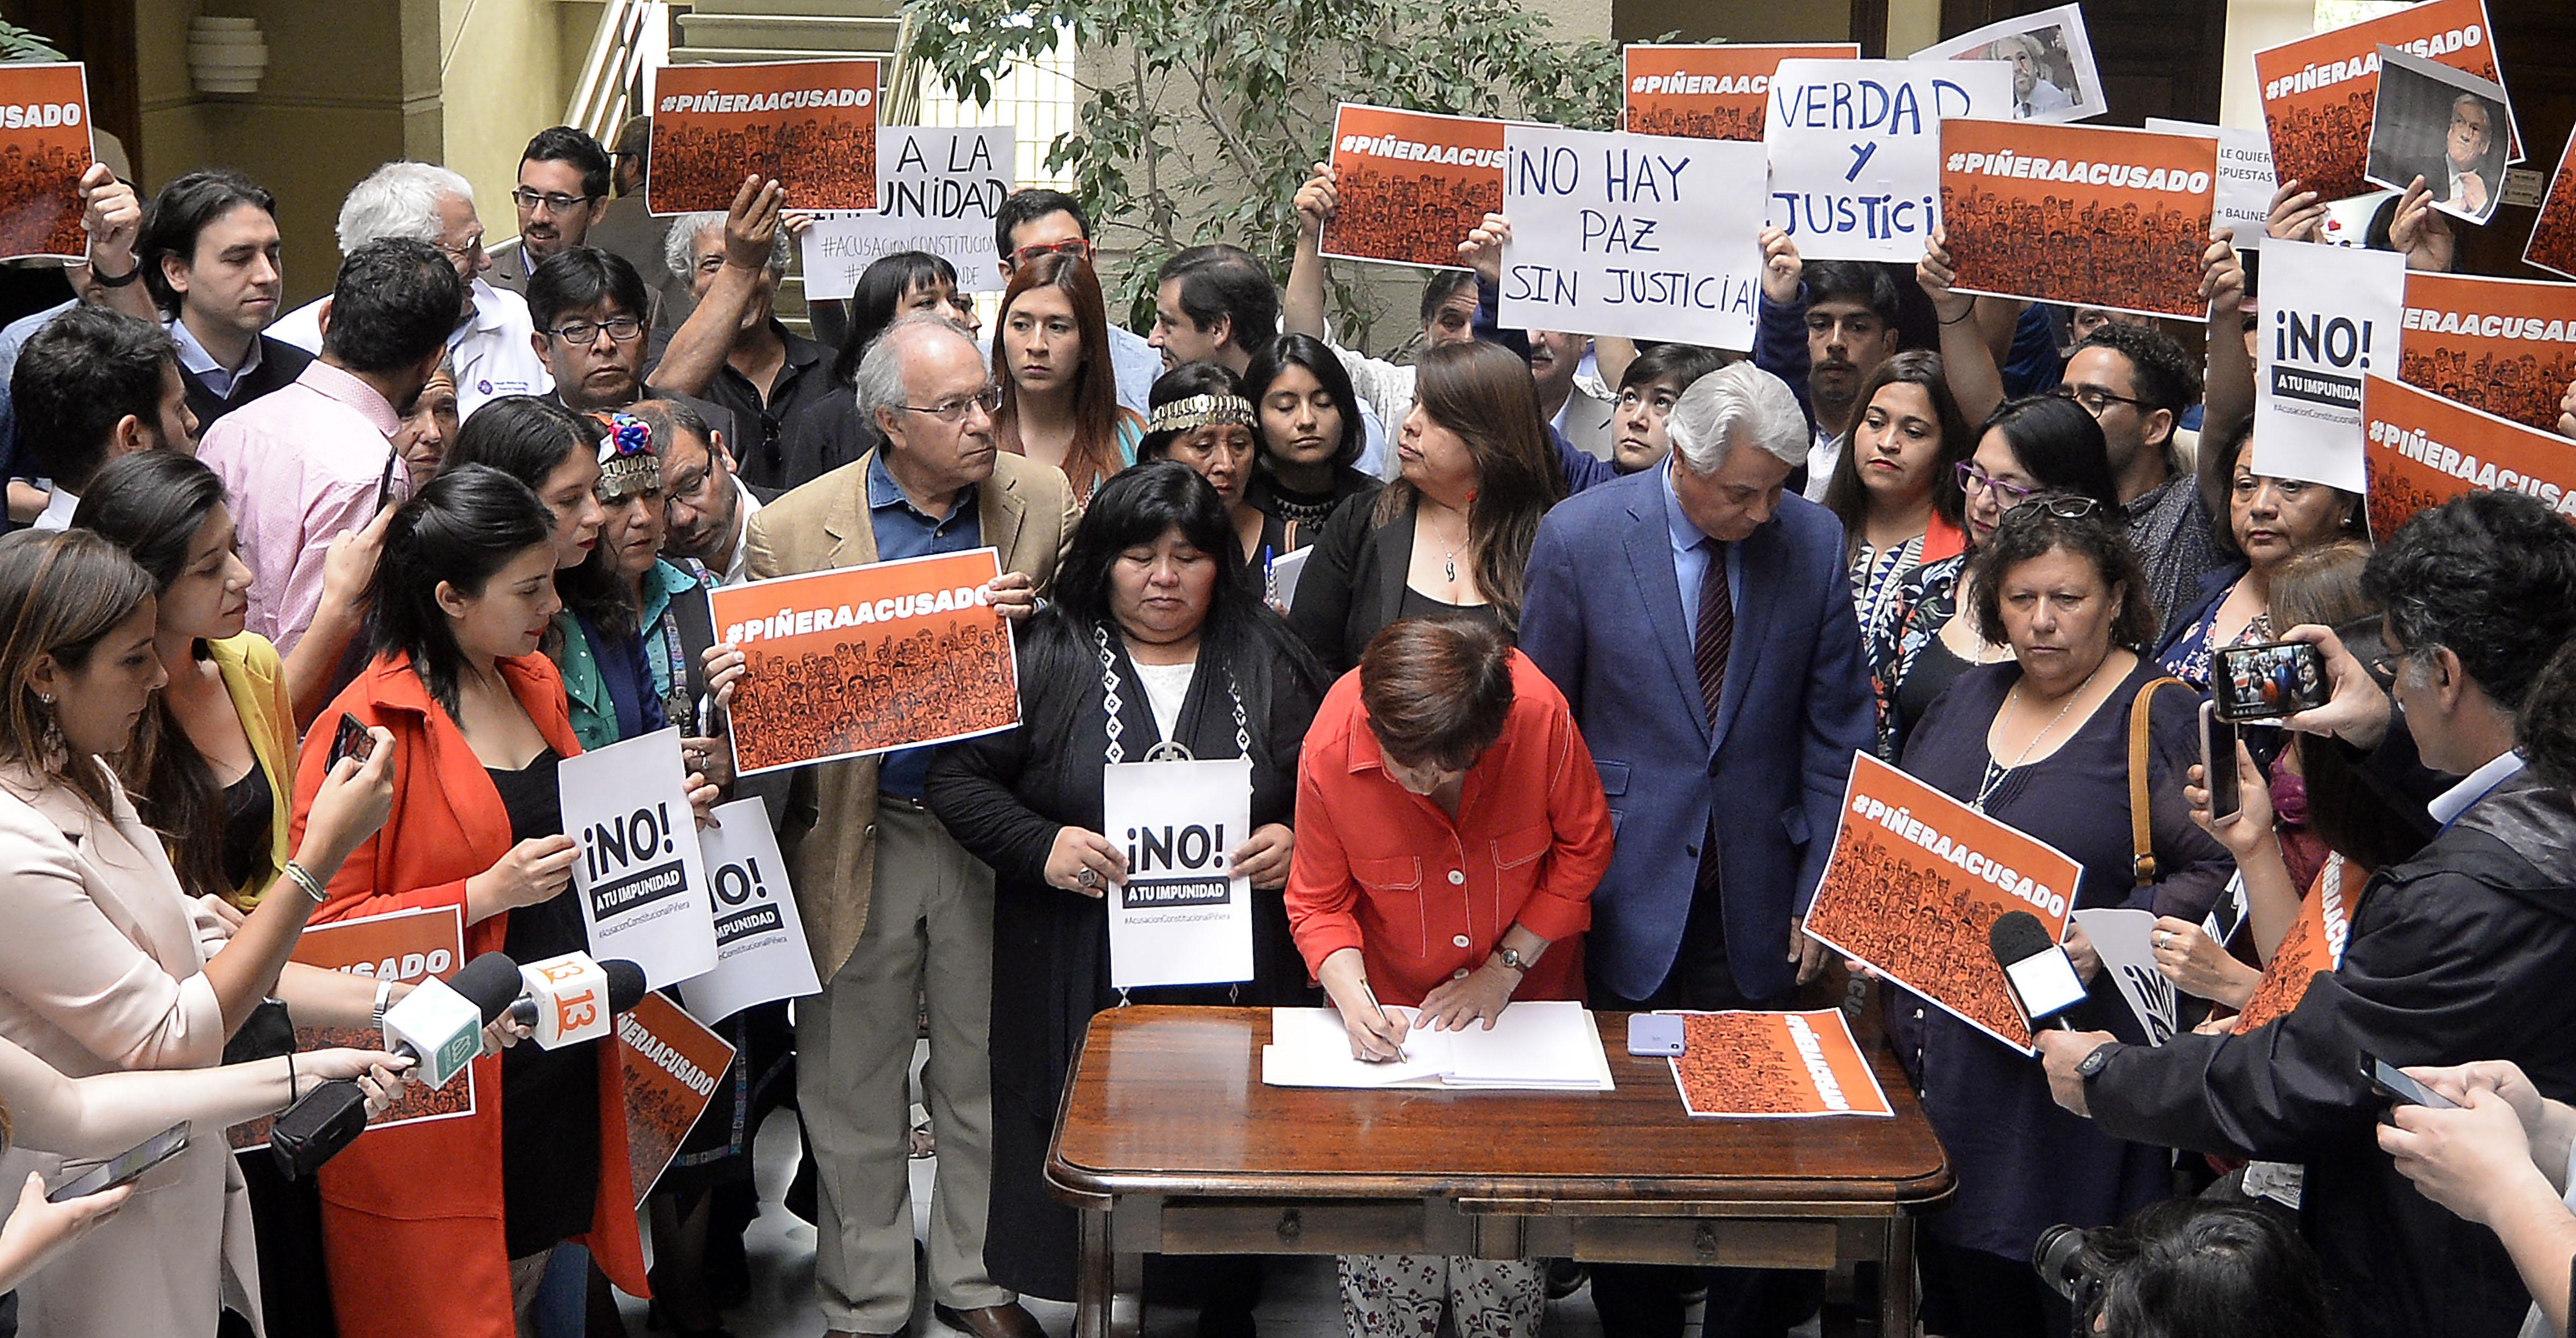 Diputados de oposición presentan acusación constitucional contra Piñera